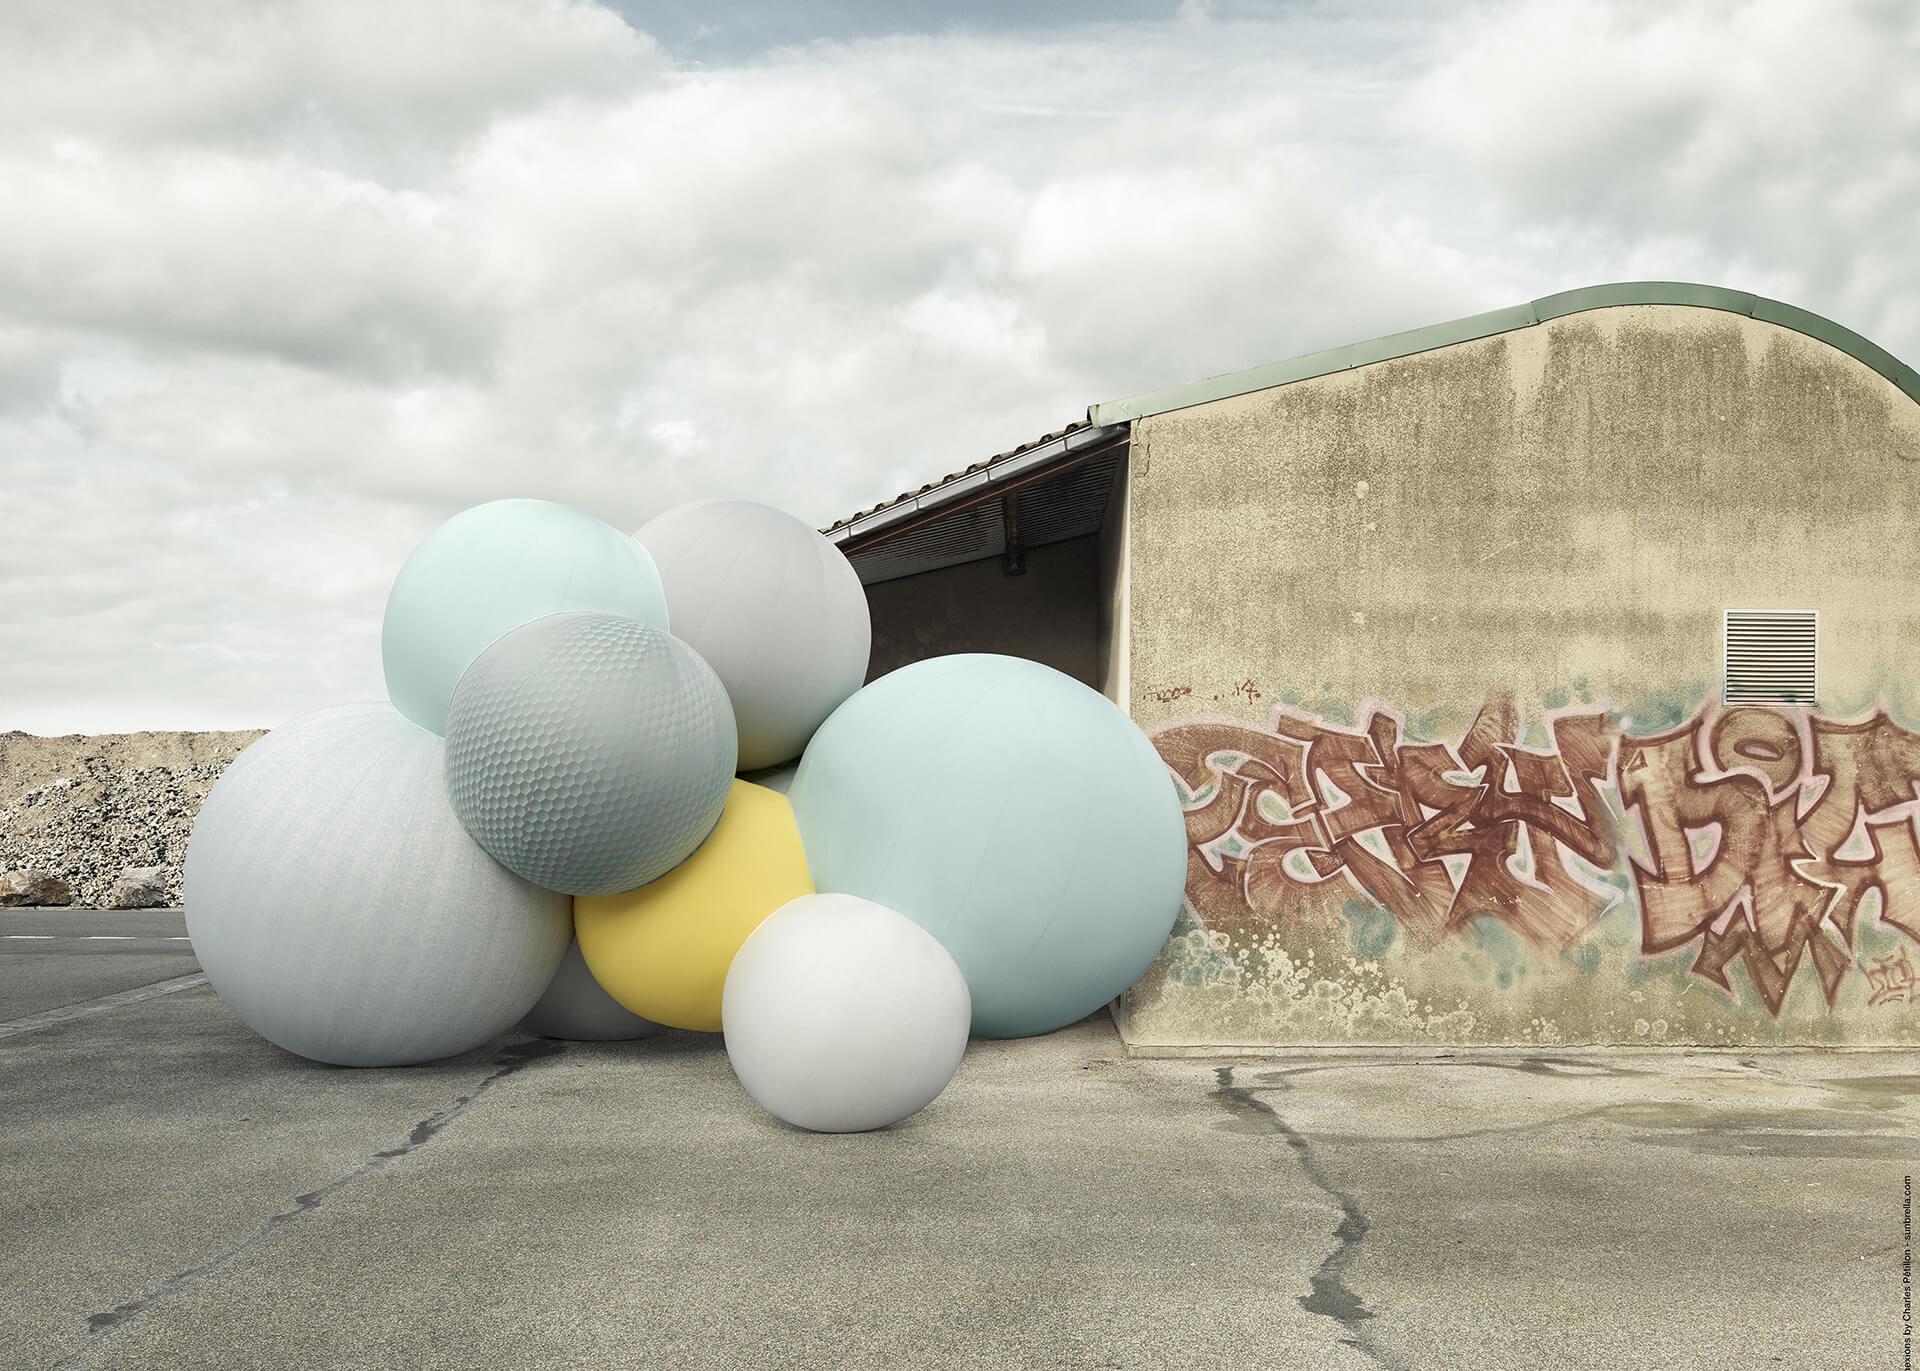 艺术家 Charles Petillon 创作的 Sunbrella Connexions  气球放置于混凝土建筑前的城市背景下。